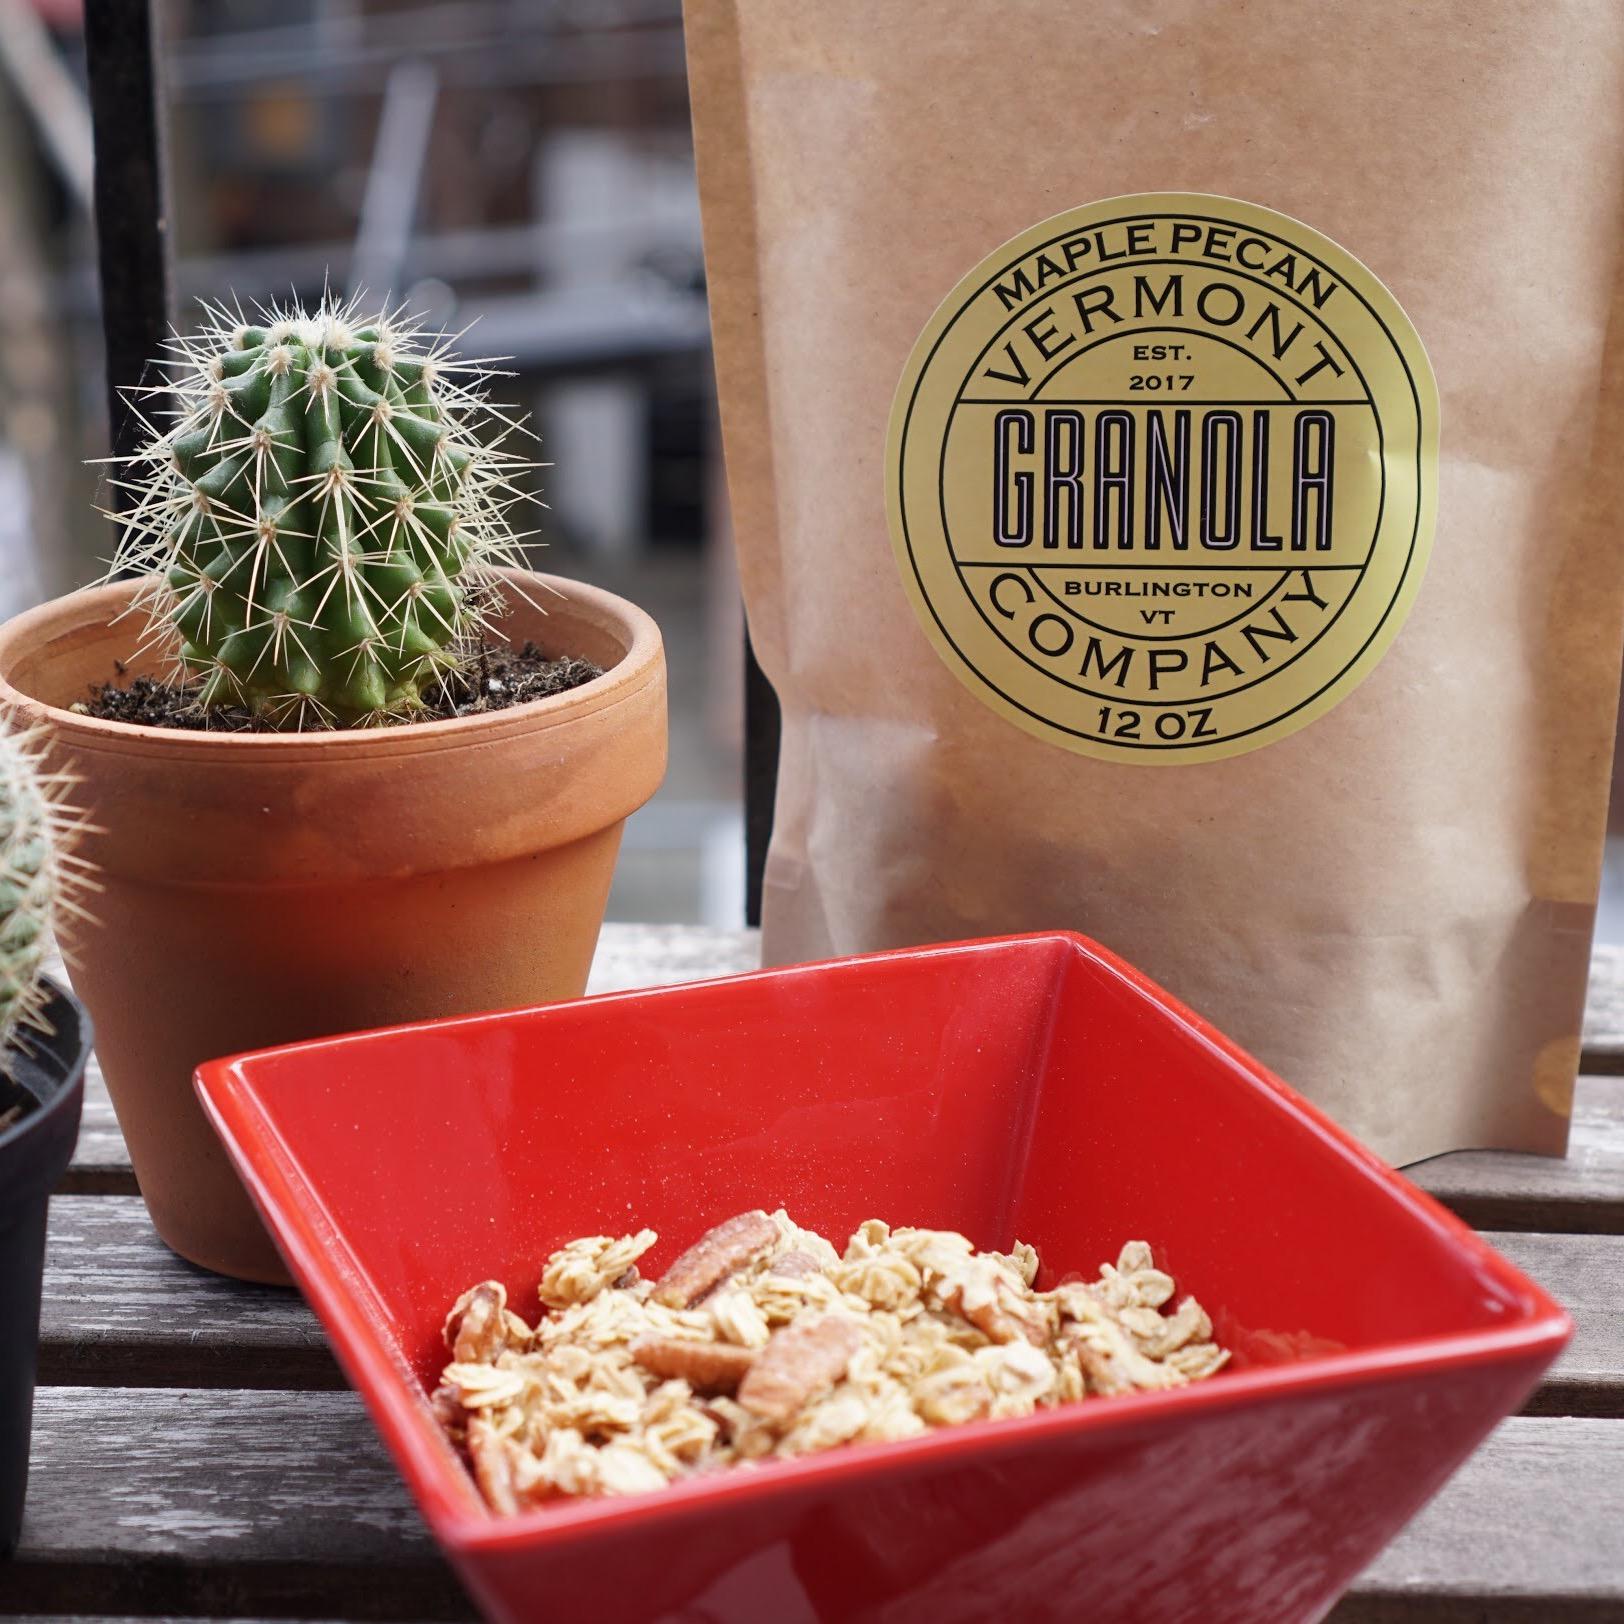 Vermont Granola Company